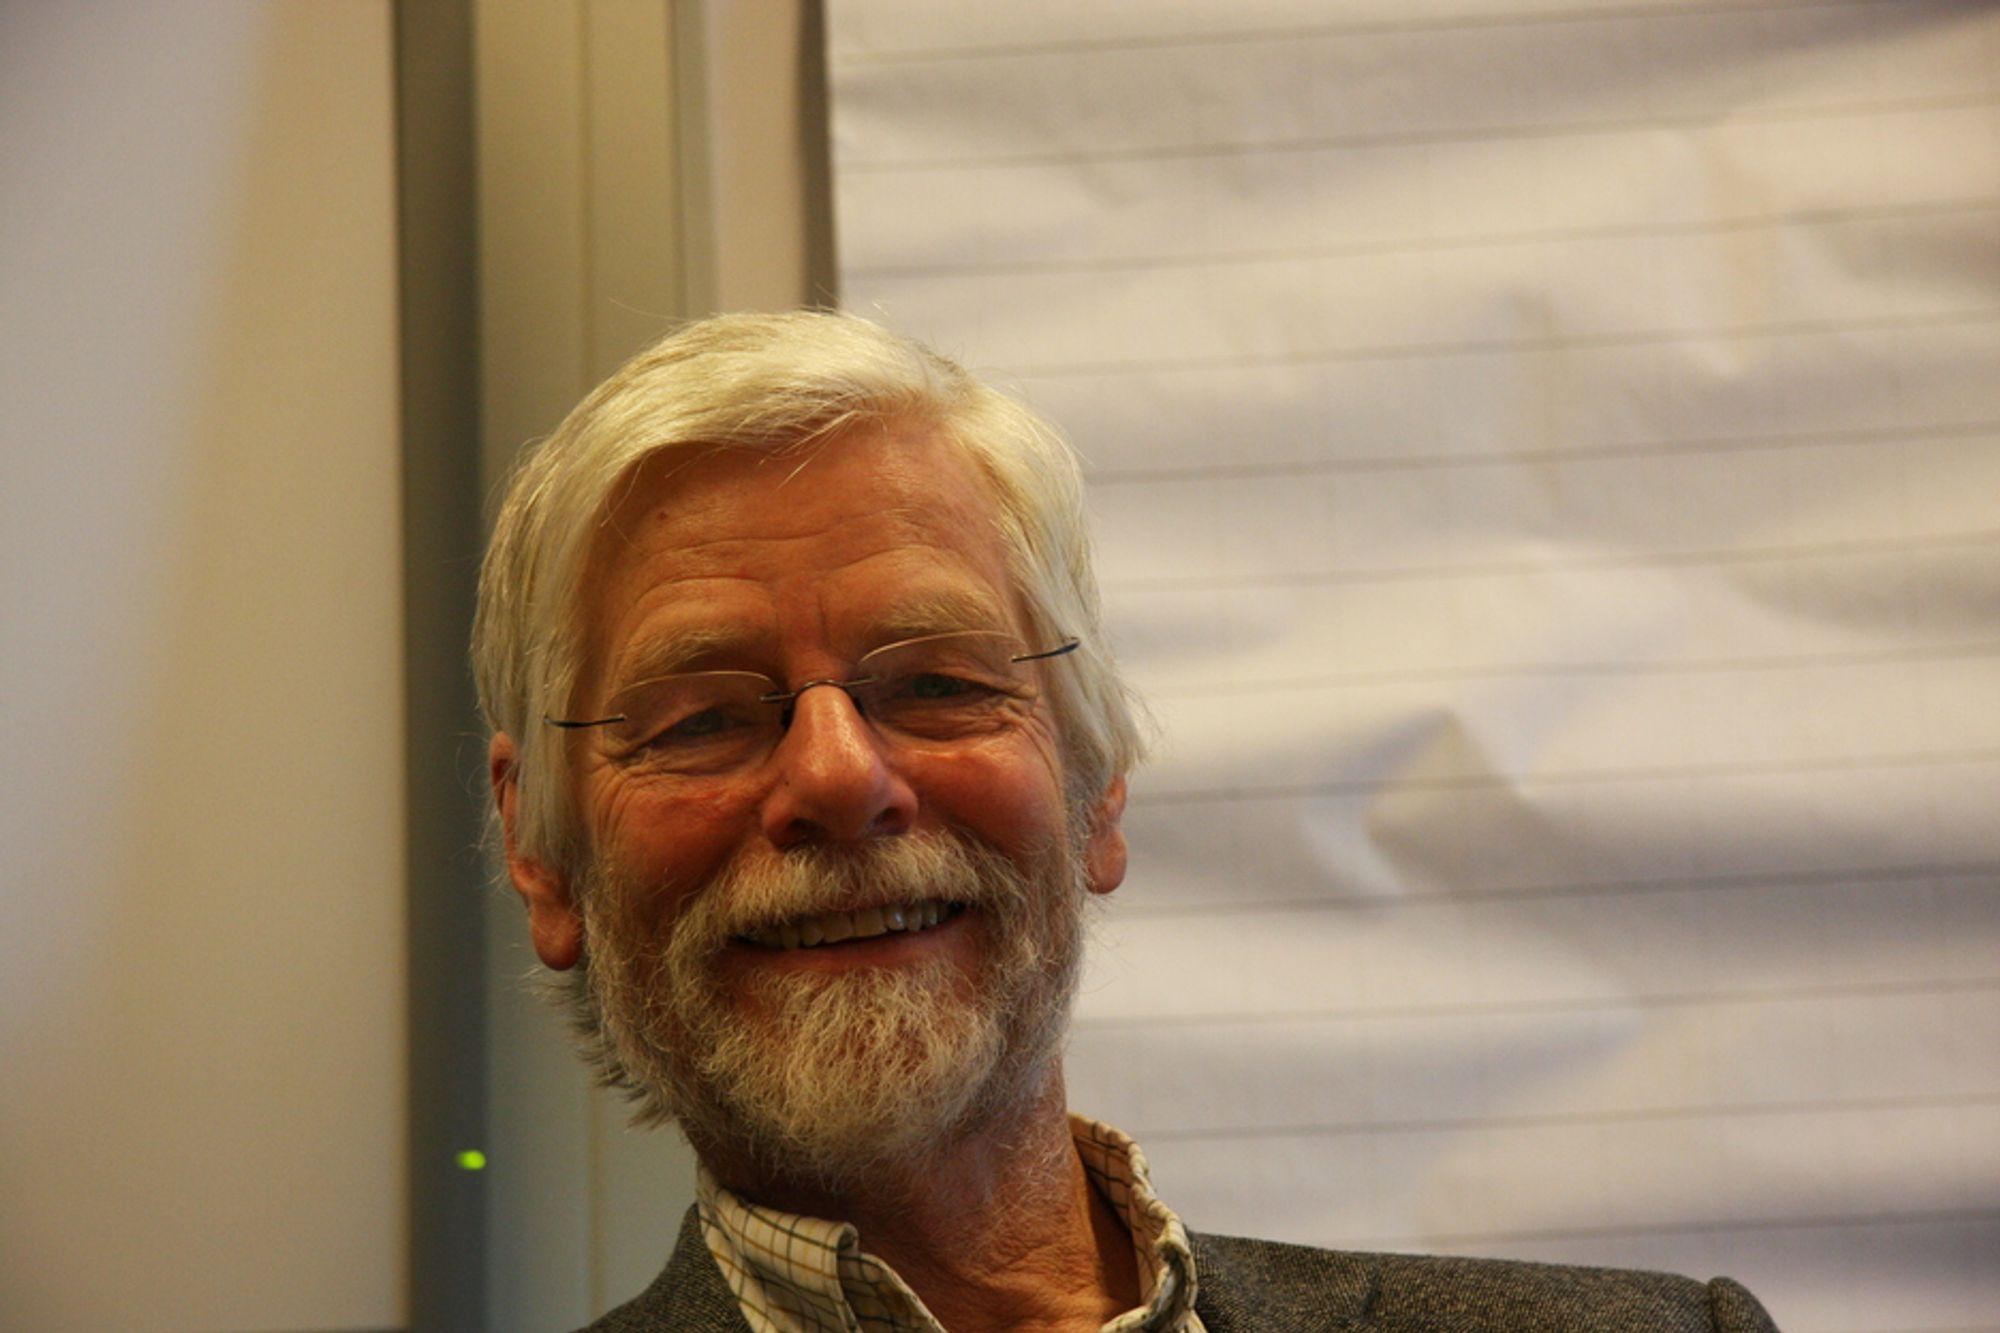 EKSPORTØREN: Peter Butenschøn er prosjektleder for arkitektureksport. Han er overbevist om at mulighetene er store.